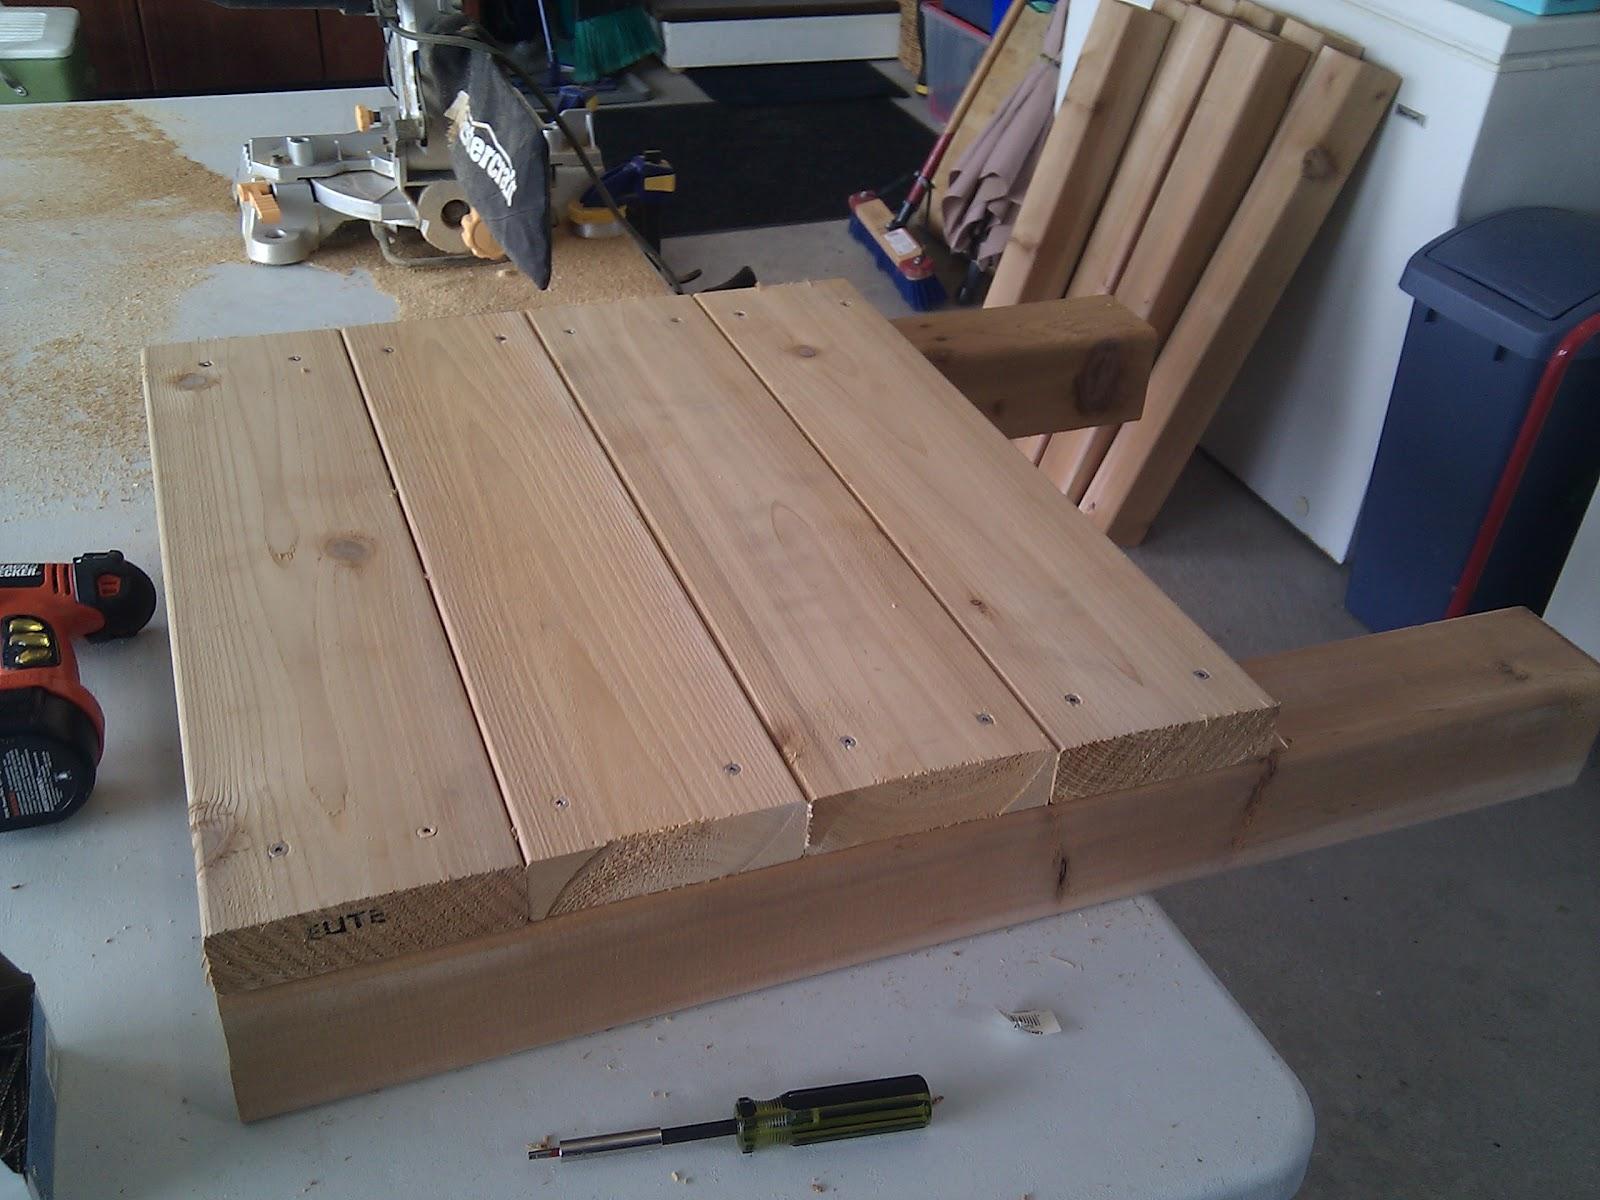 construction de bacs pour potager sur lev s ch rie a va couper. Black Bedroom Furniture Sets. Home Design Ideas